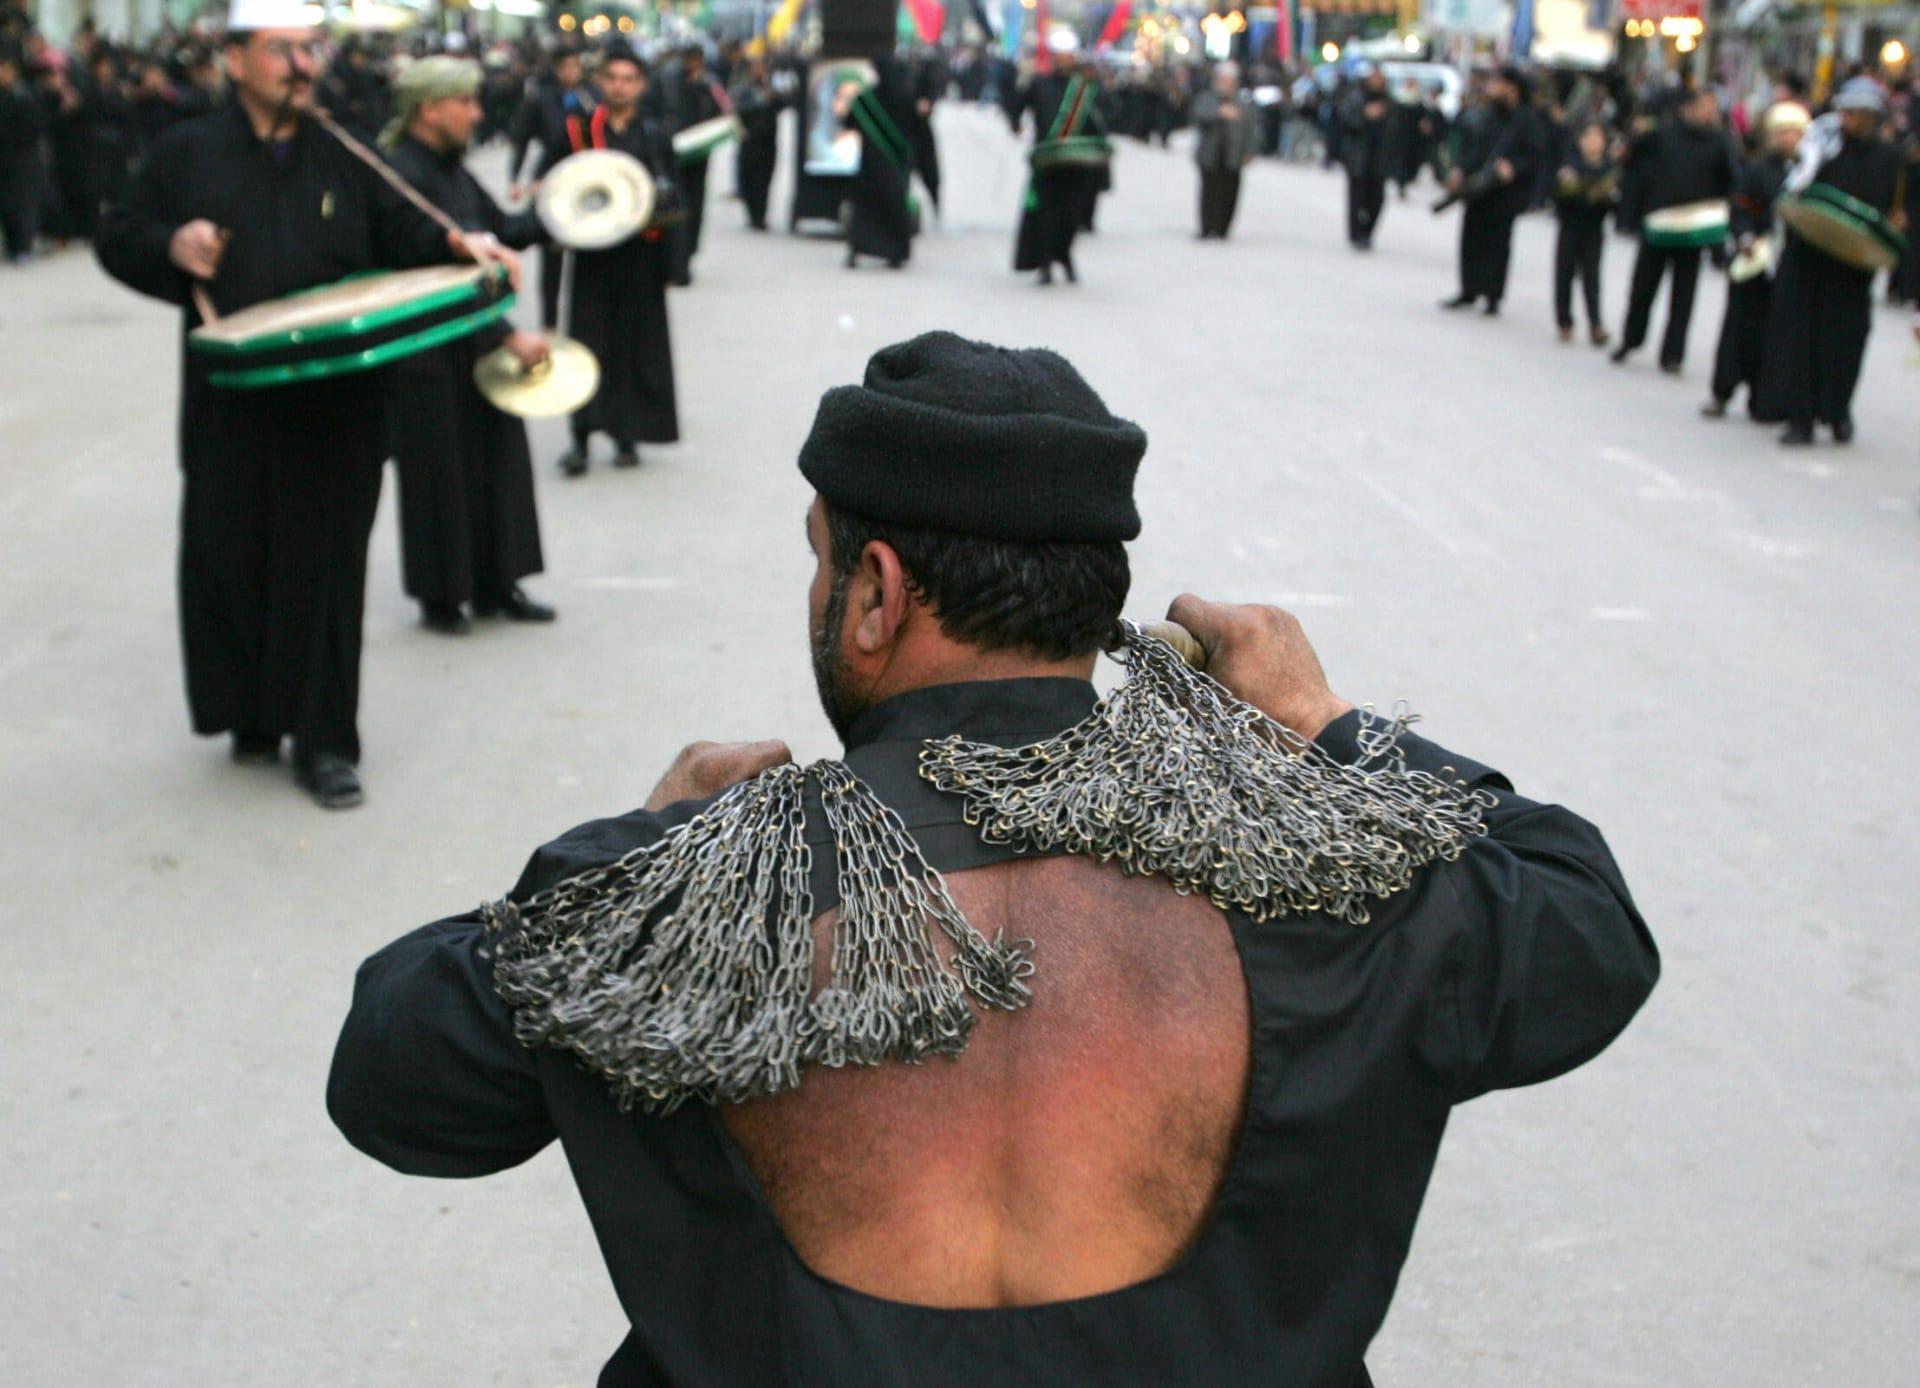 ما هي عاشوراء في فكر الخميني وسط الانقسام بين السنة والشيعة؟